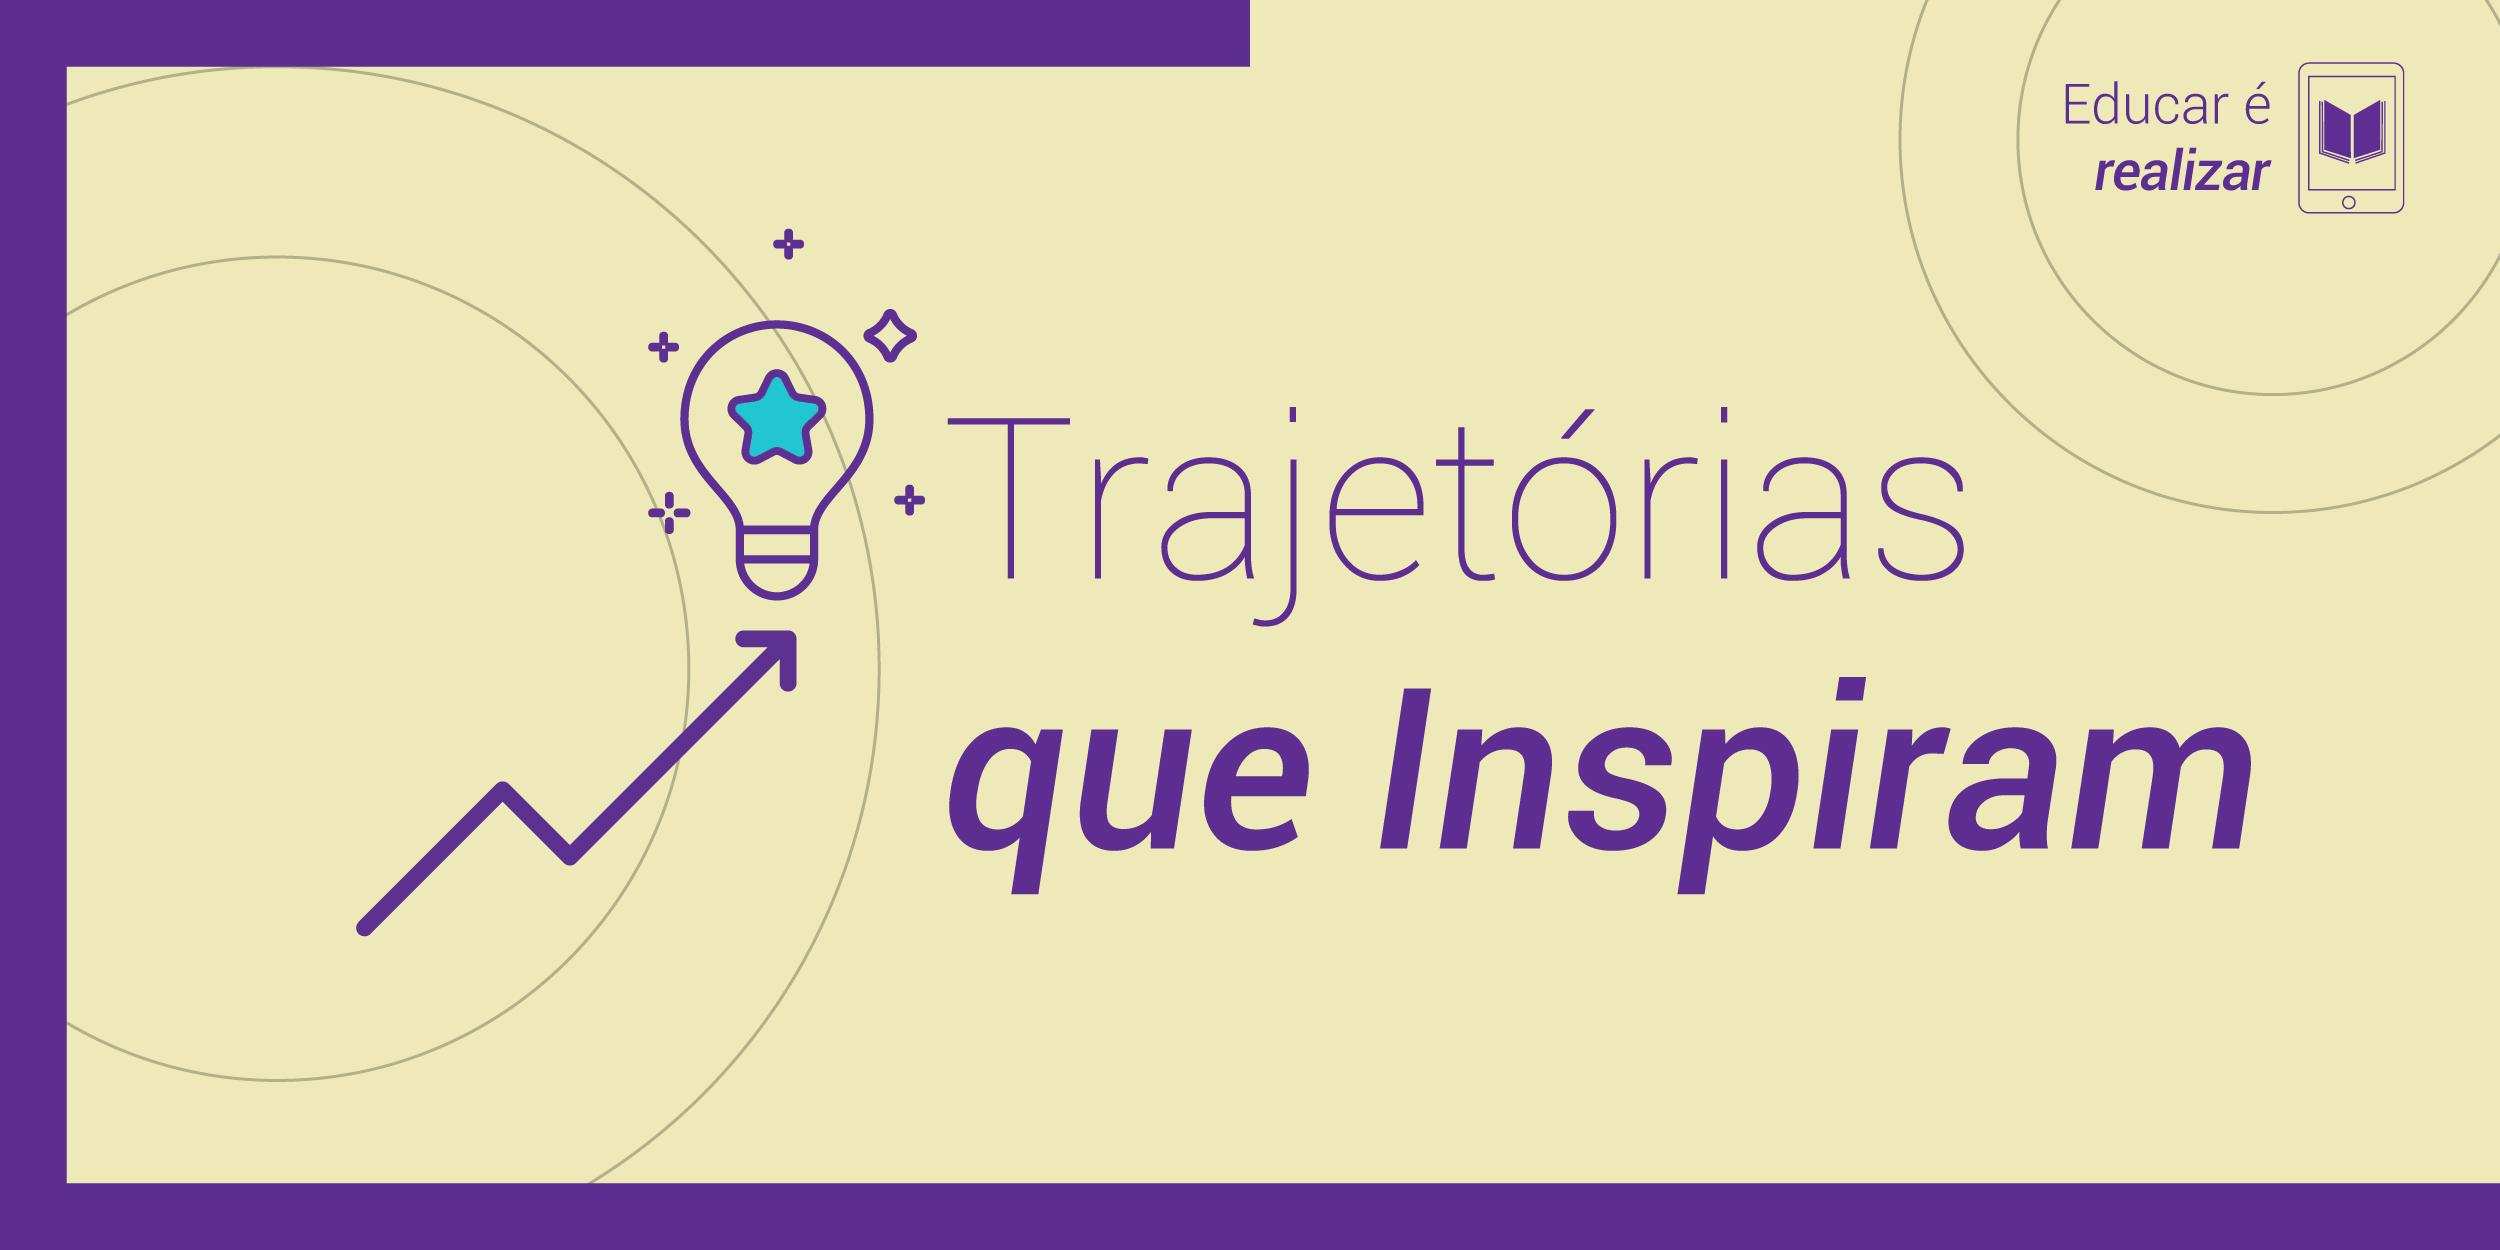 Arte de fundo bege e borda púrpura com os dizeres Trajetórias que Inspiram escrito em púrpura no centro da imagem. Do lado esquerdo, há um ícone de uma lâmpada com o desenho de uma estrela dentro e do lado direto, no canto superior, a frase Educar é incluir.